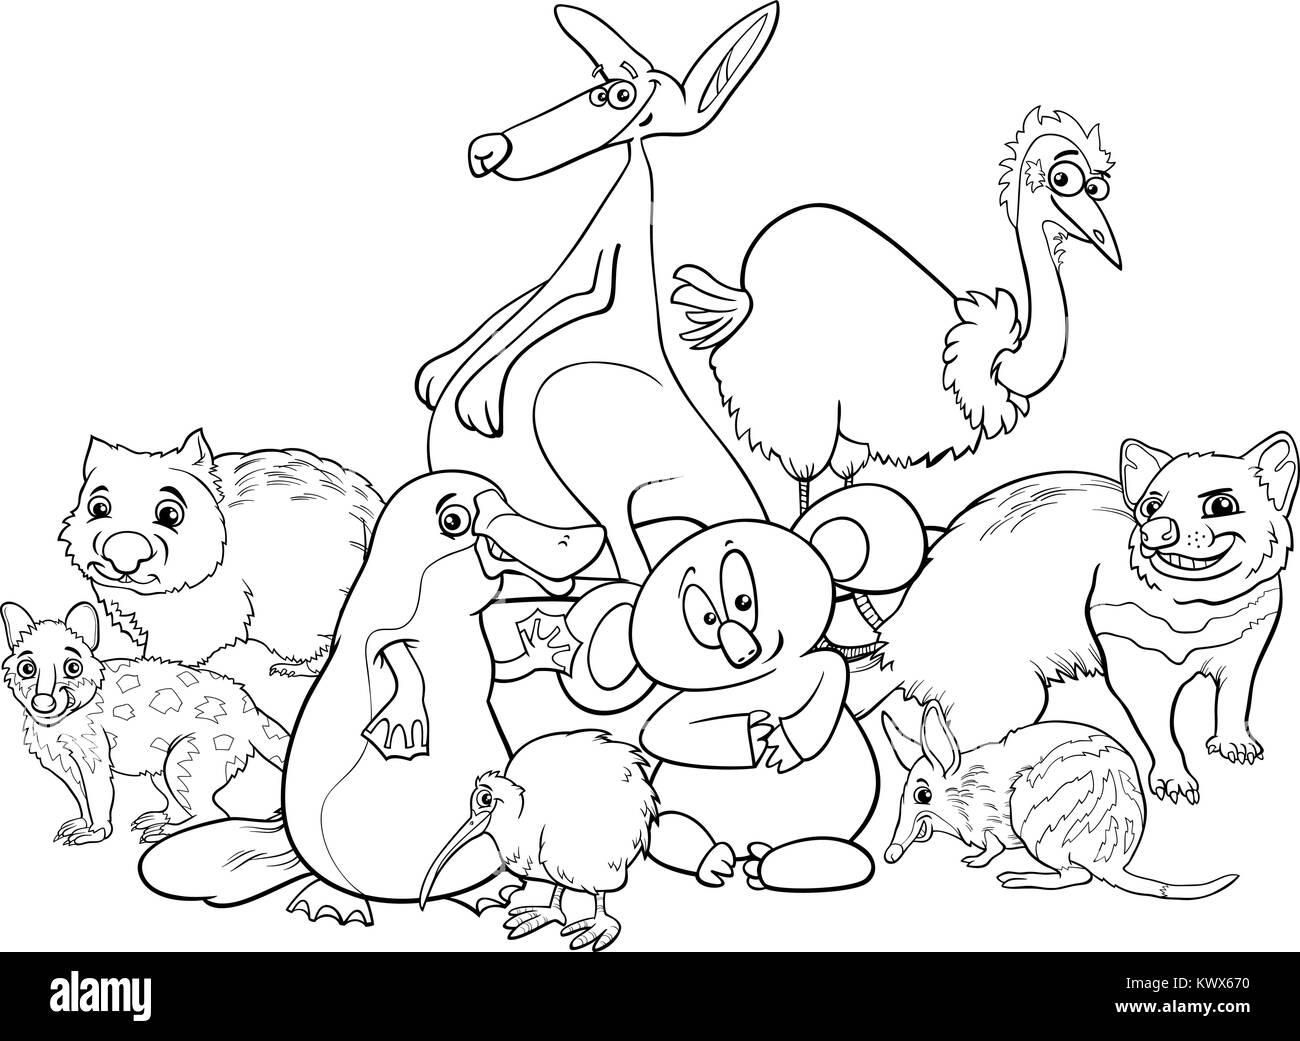 Bianco E Nero Cartoon Illustrazioni Di Animali Australiani Gruppo